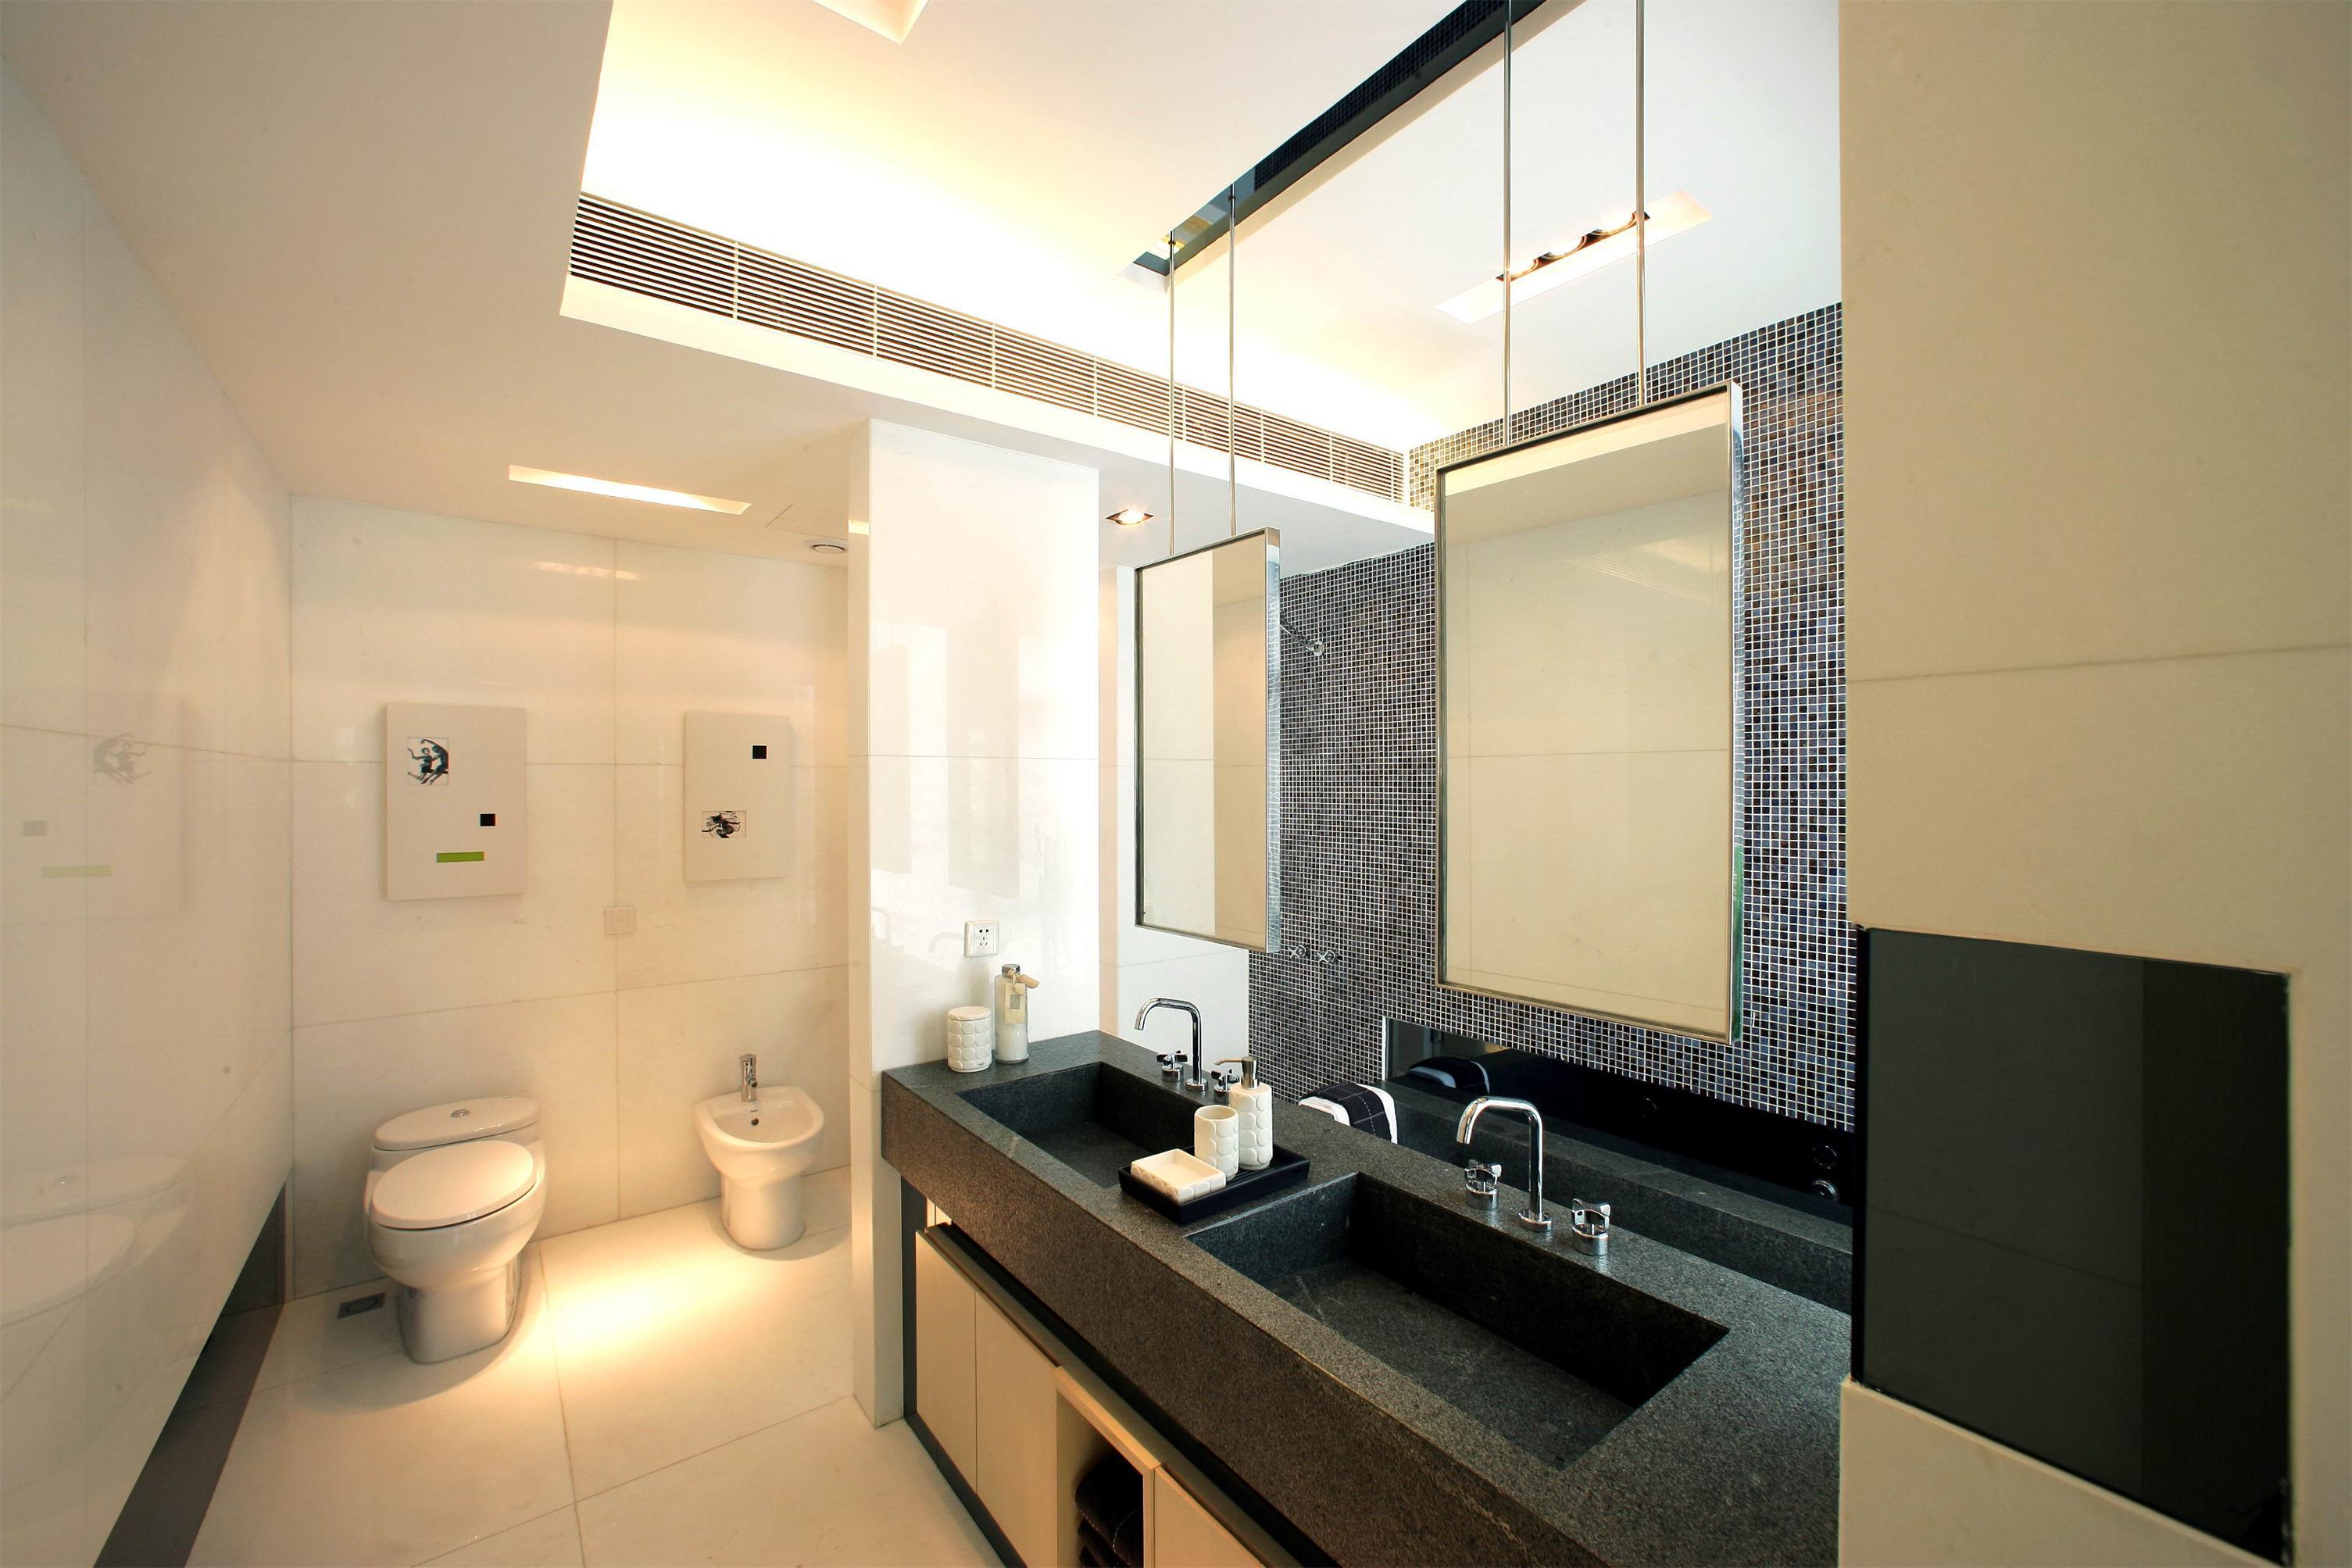 简约现代复式别墅卫生间装修效果图